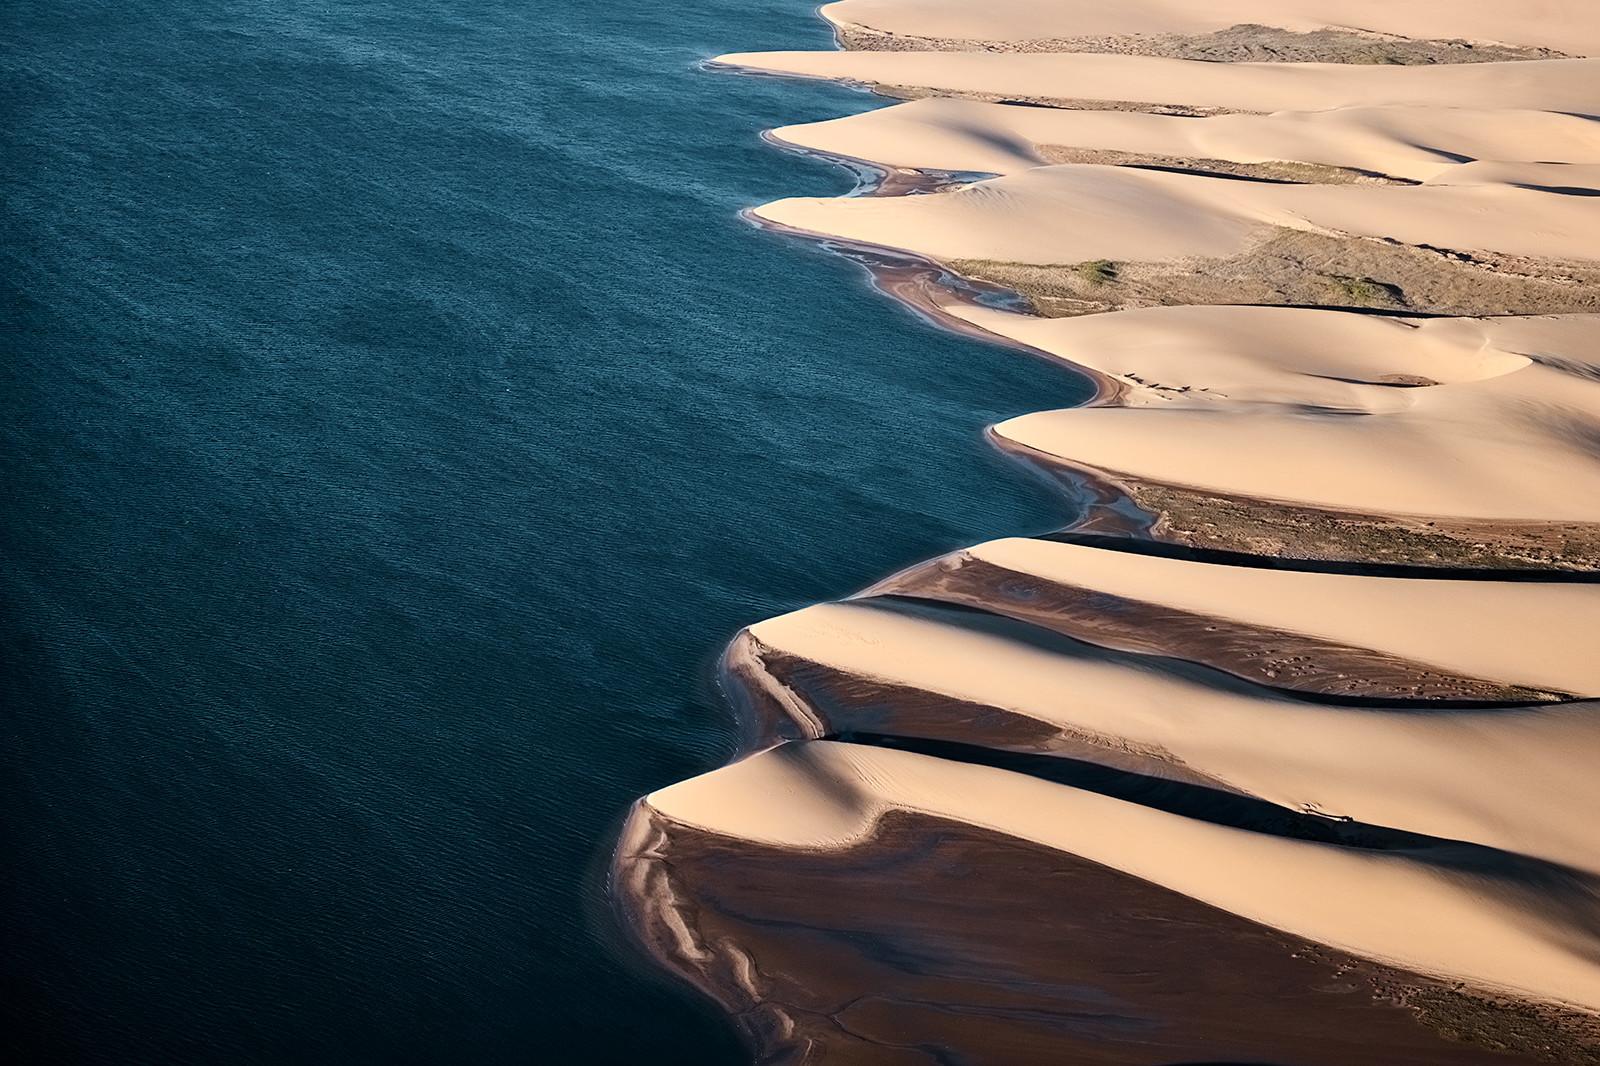 Wüstenlandschaft aus der Vogelperspektive, Wüstendünen in einem Farbspiel aus orange, gold